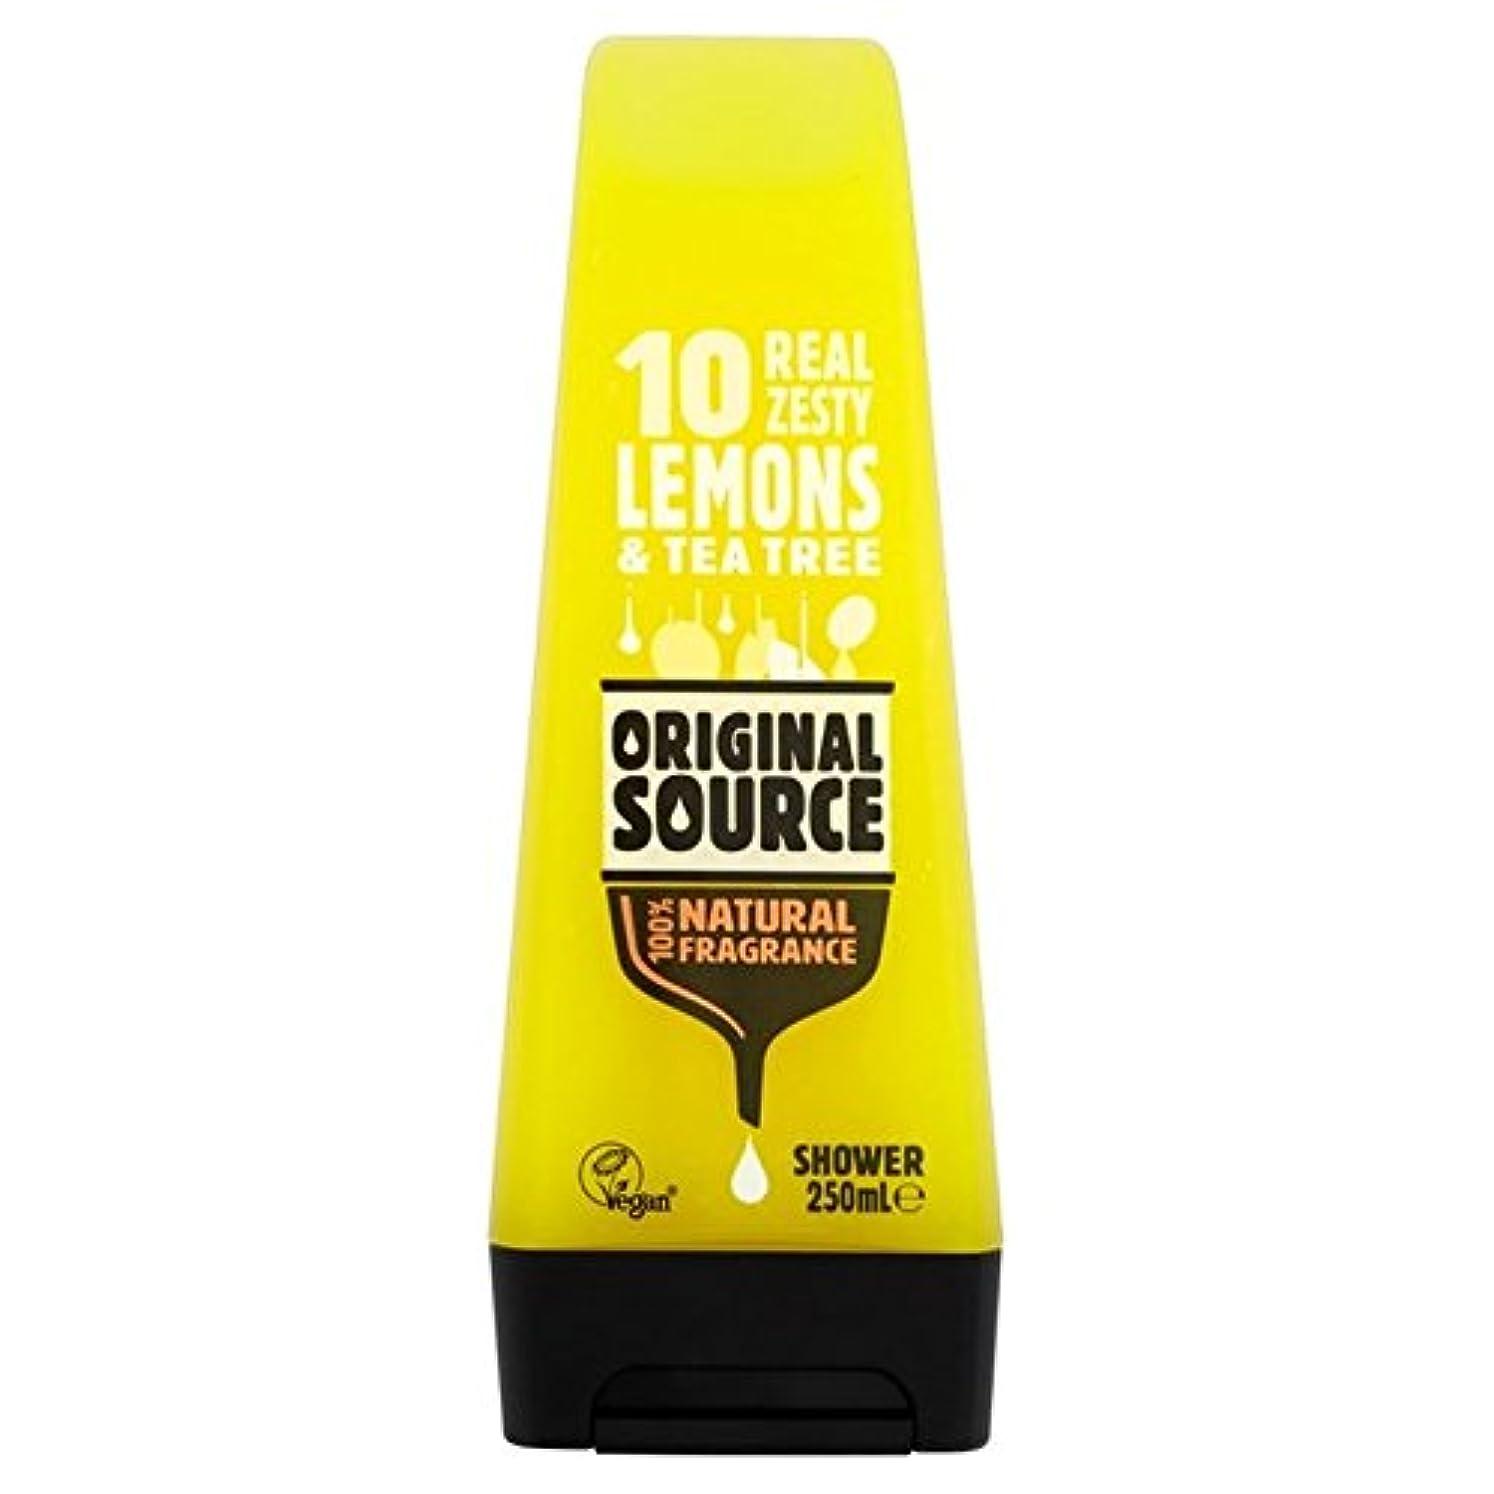 退却朝食を食べるく元のソースのレモンシャワージェル250ミリリットル x2 - Original Source Lemon Shower Gel 250ml (Pack of 2) [並行輸入品]